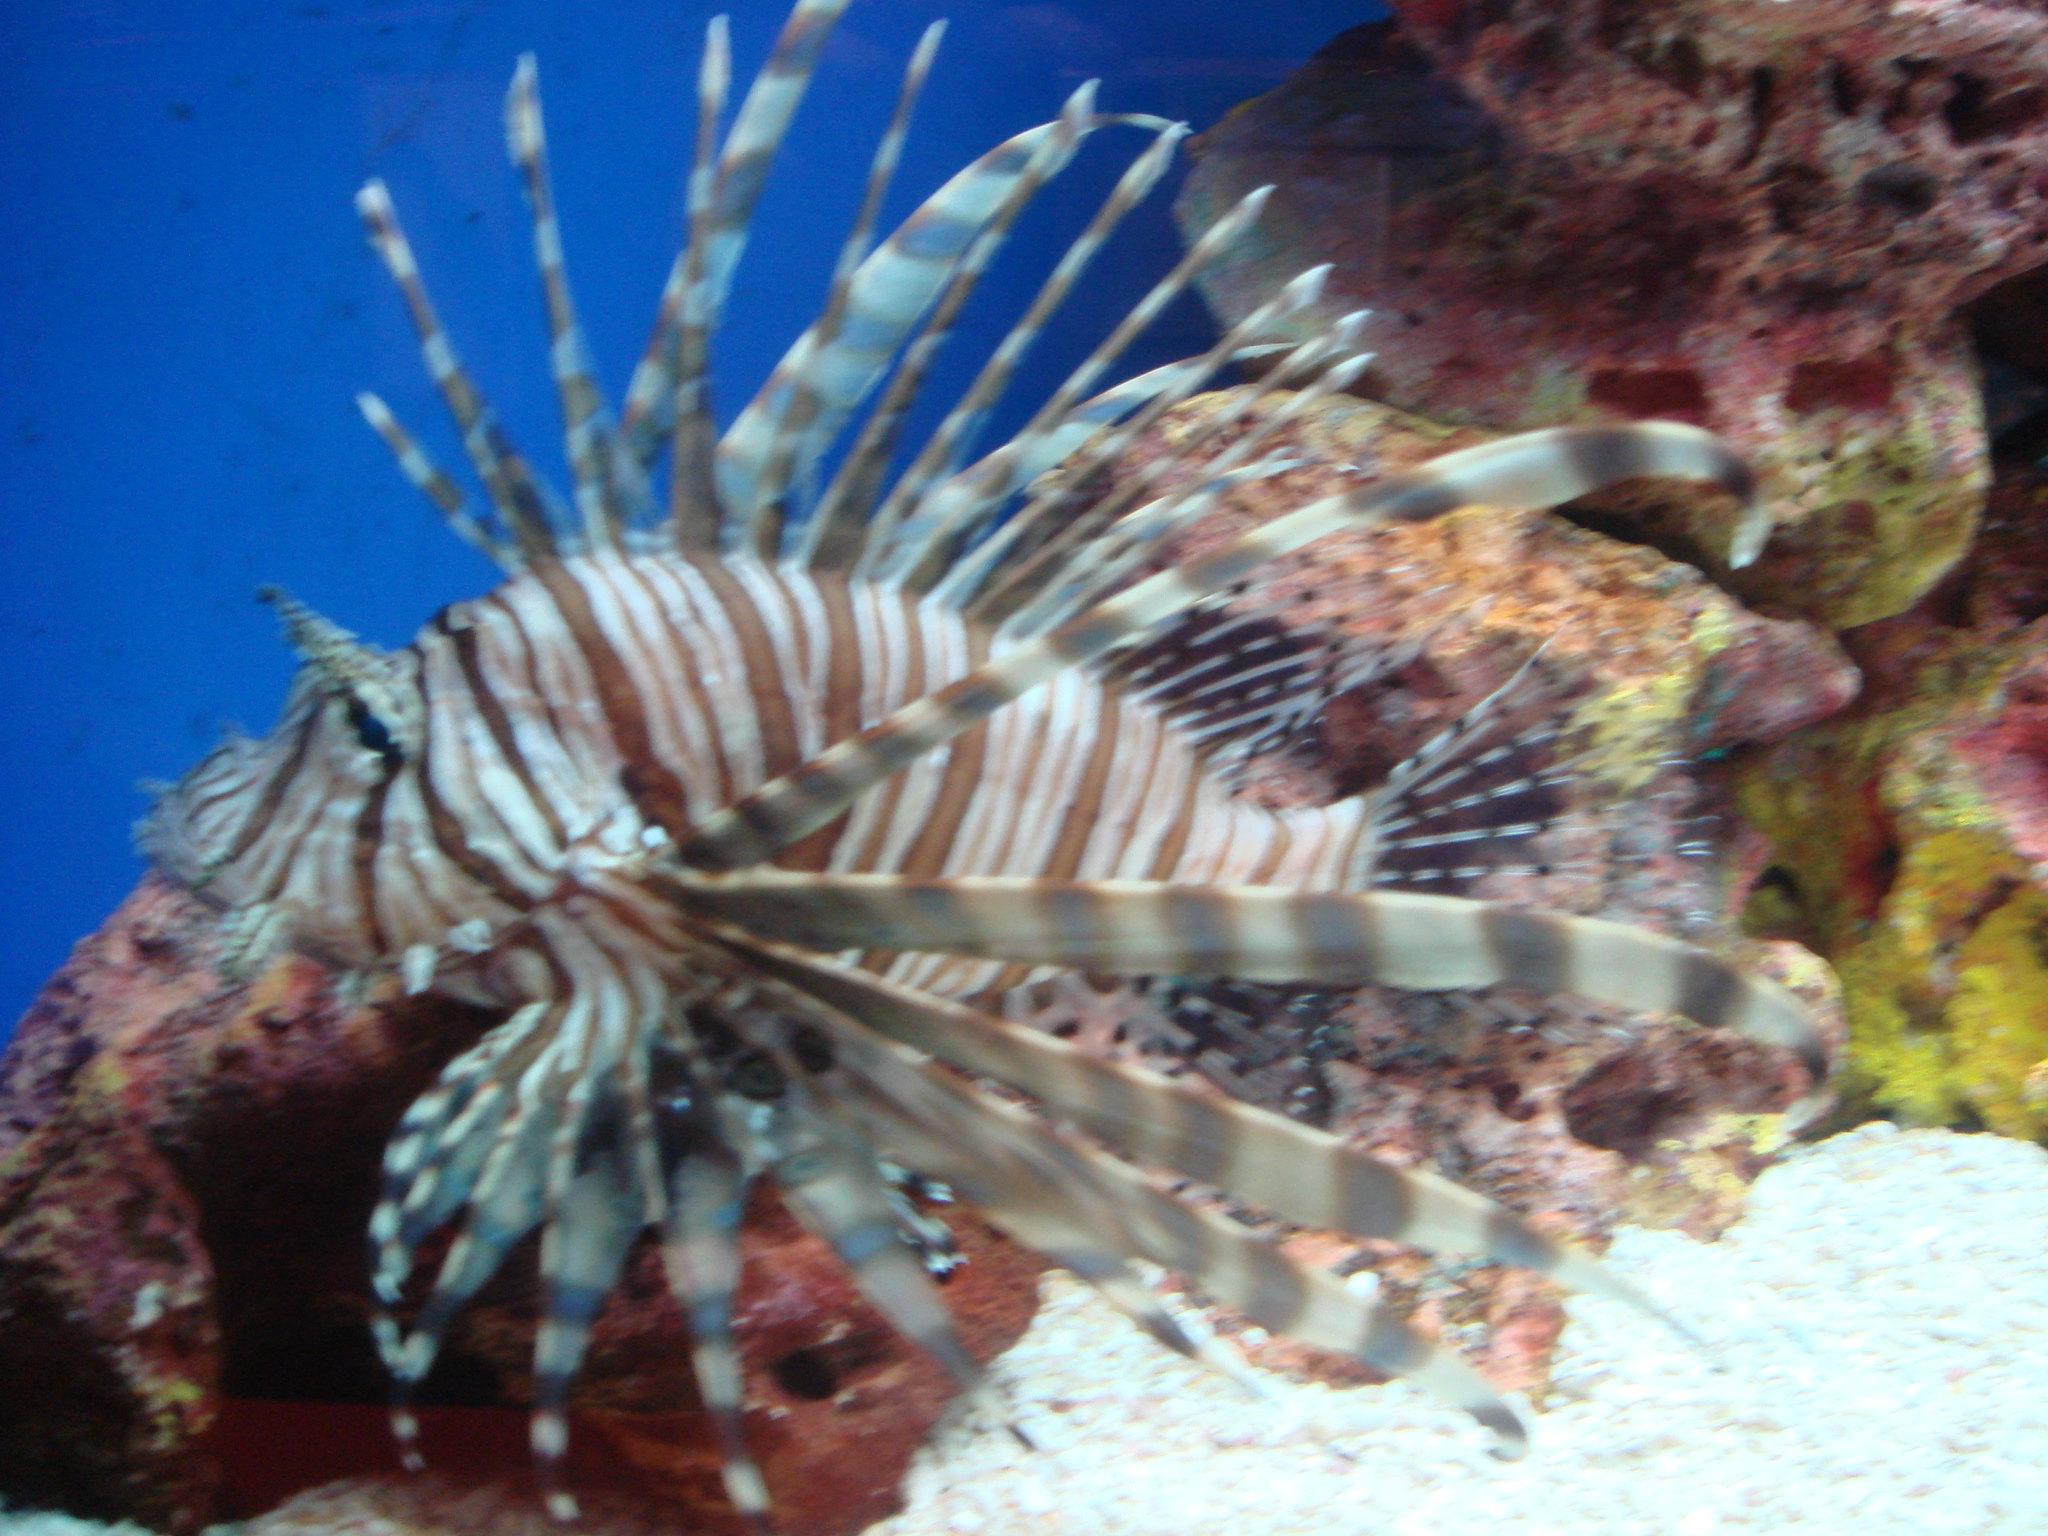 壁纸 动物 海底 海底世界 海洋馆 水族馆 鱼 鱼类 2048_1536